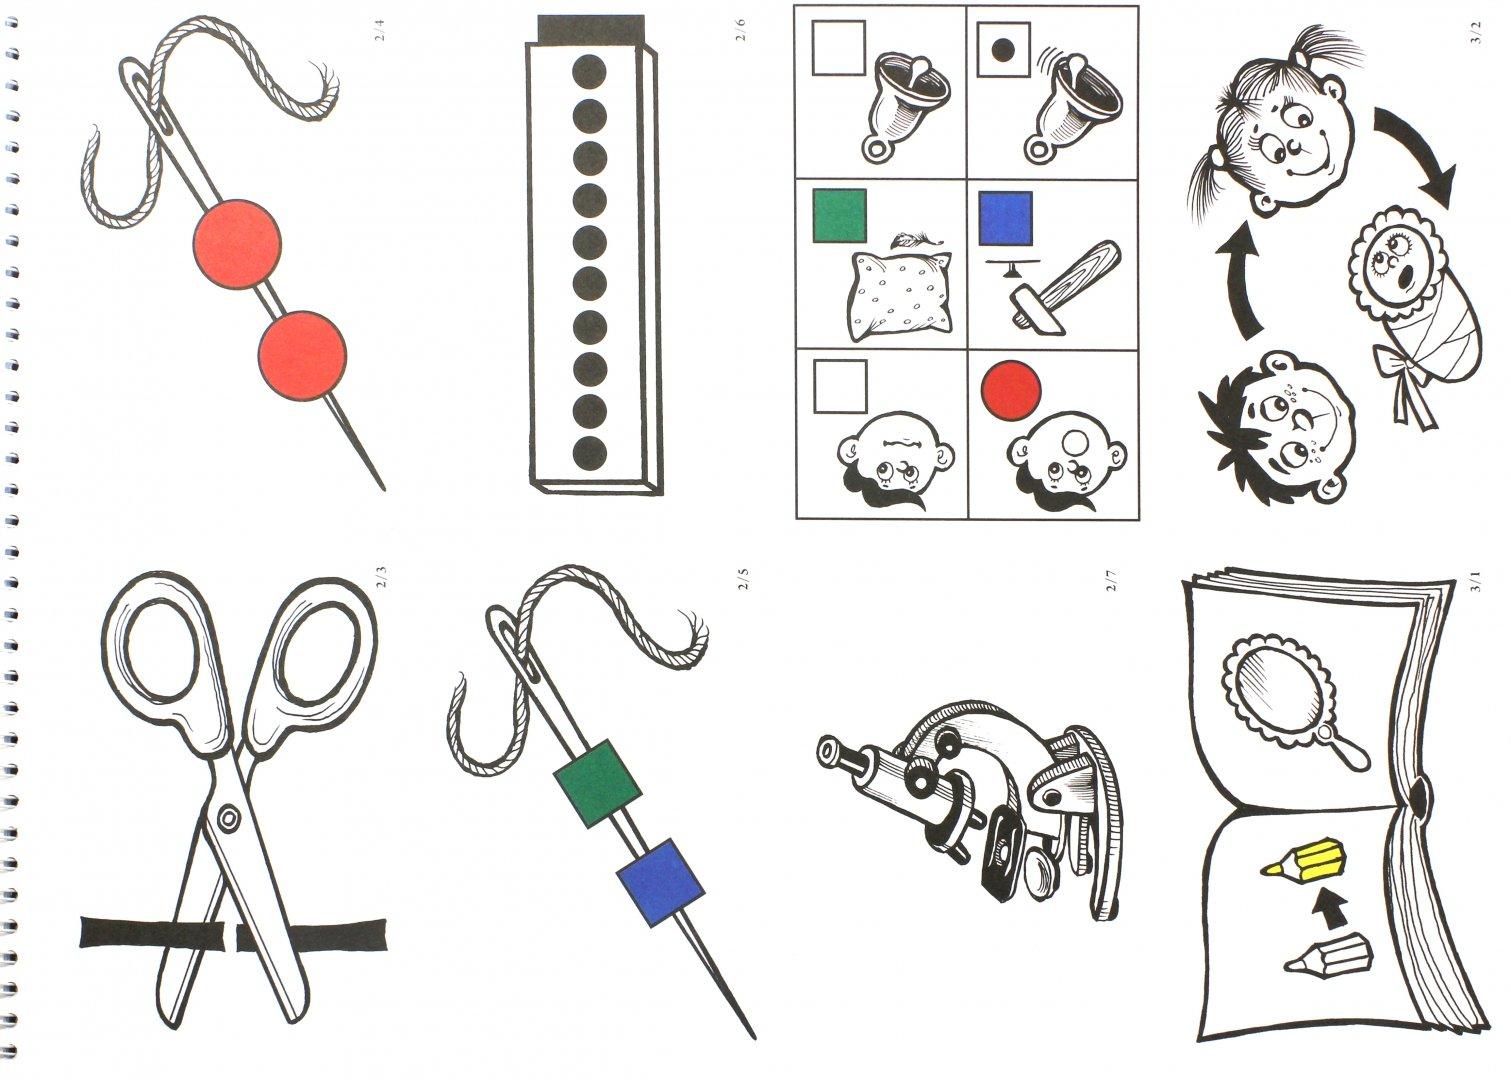 Иллюстрация 1 из 16 для Логопедический альбом для коррекции всех компонентов речи - Адаменко, Терехова   Лабиринт - книги. Источник: Лабиринт